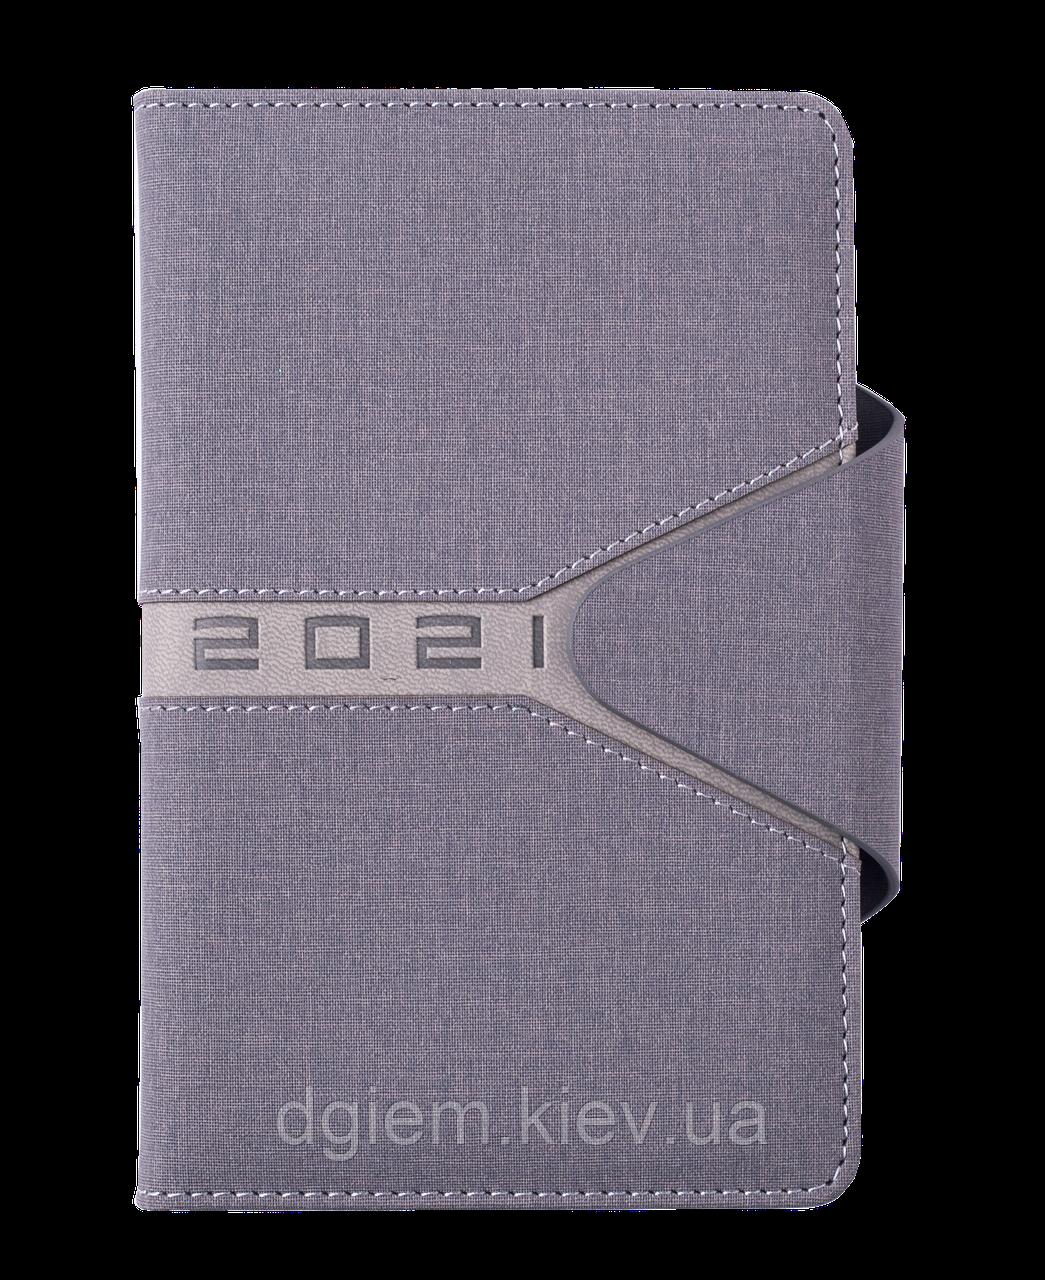 Ежедневник датированный 2021 NAVIGATOR A6